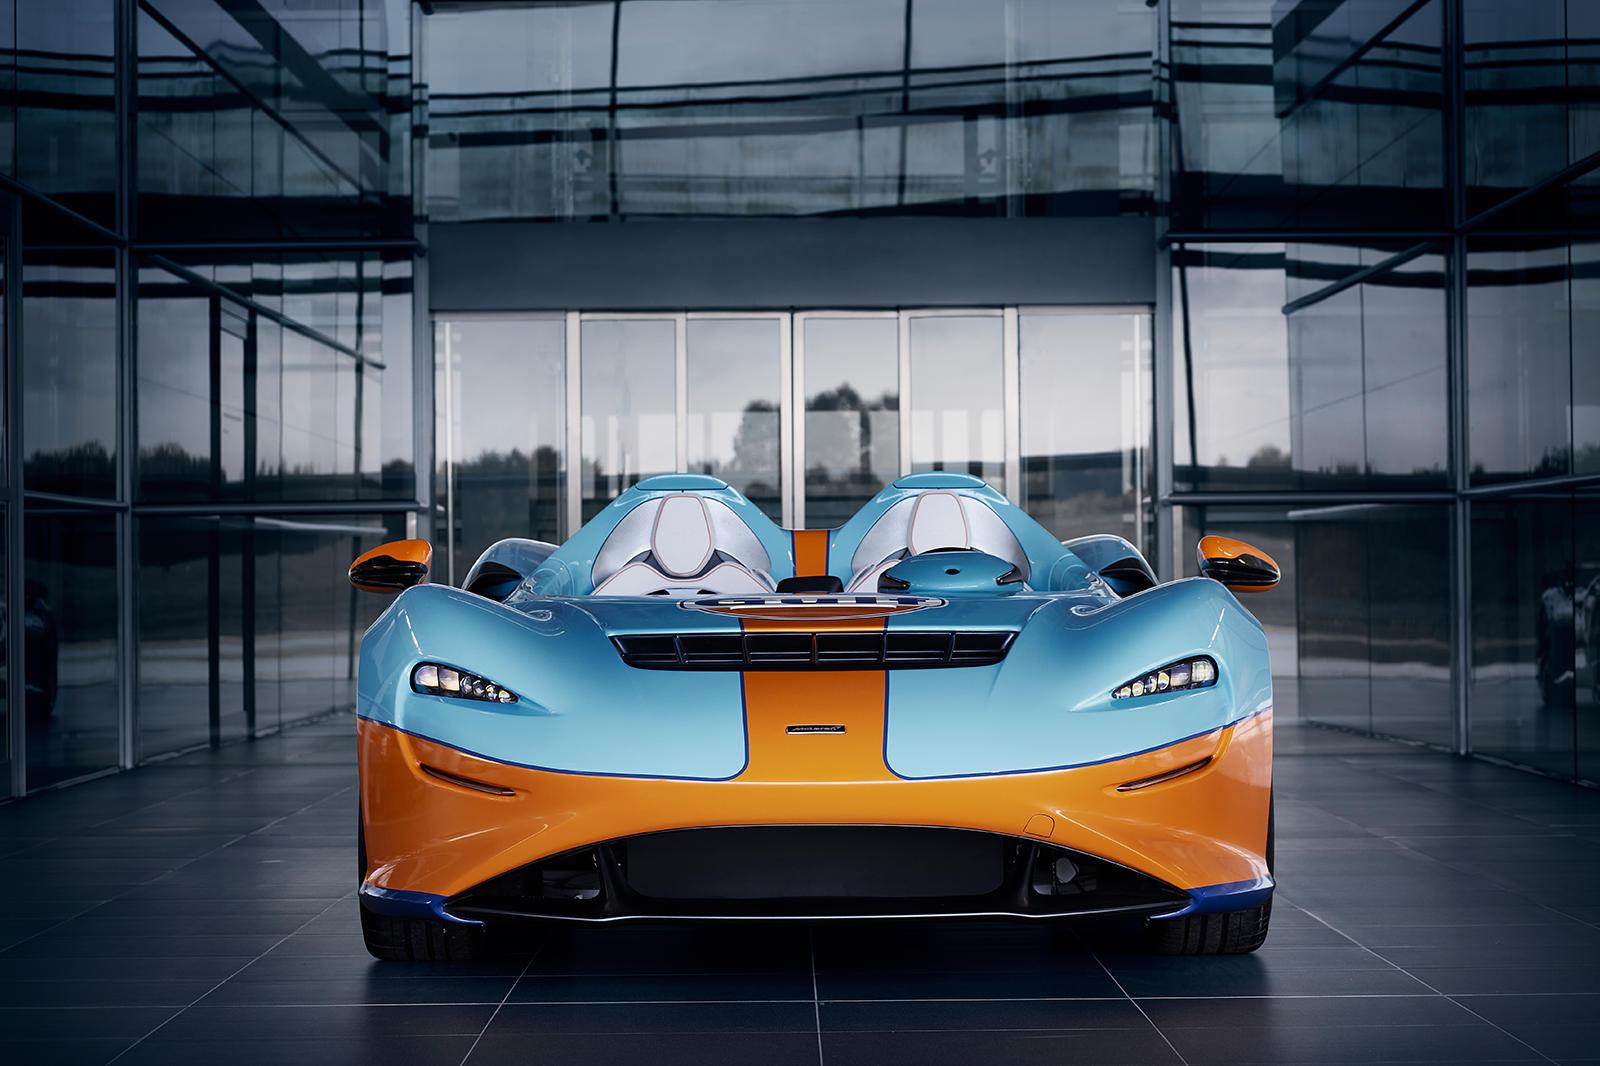 «Тема McLaren Elva Gulf Theme от MSO - это яркое празднование как истории McLaren в гонках спортивных автомобилей, так и нашего нового партнерства с Gulf Oil», - сказал Ансар Али, управляющий директор MSO. «McLaren Special Operations стремится раздви